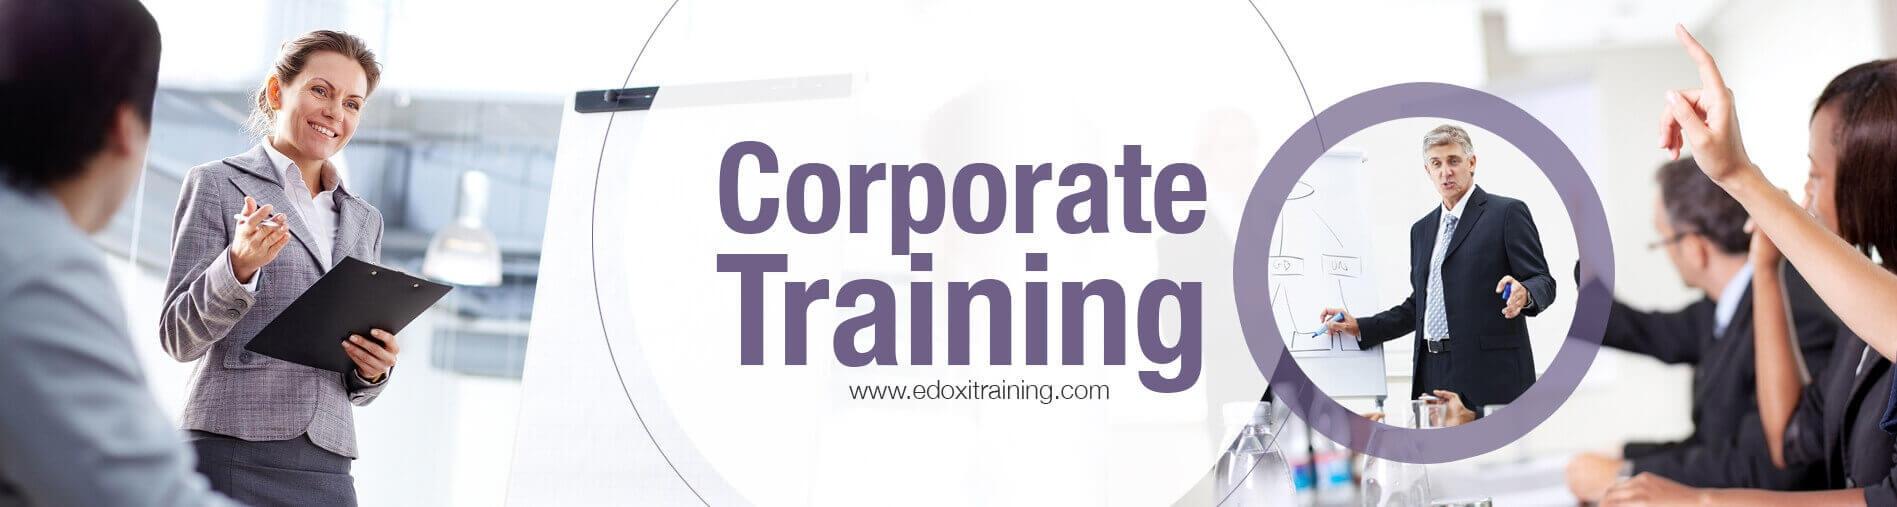 Edoxi Training  (@edoxitraininginstitute) Cover Image